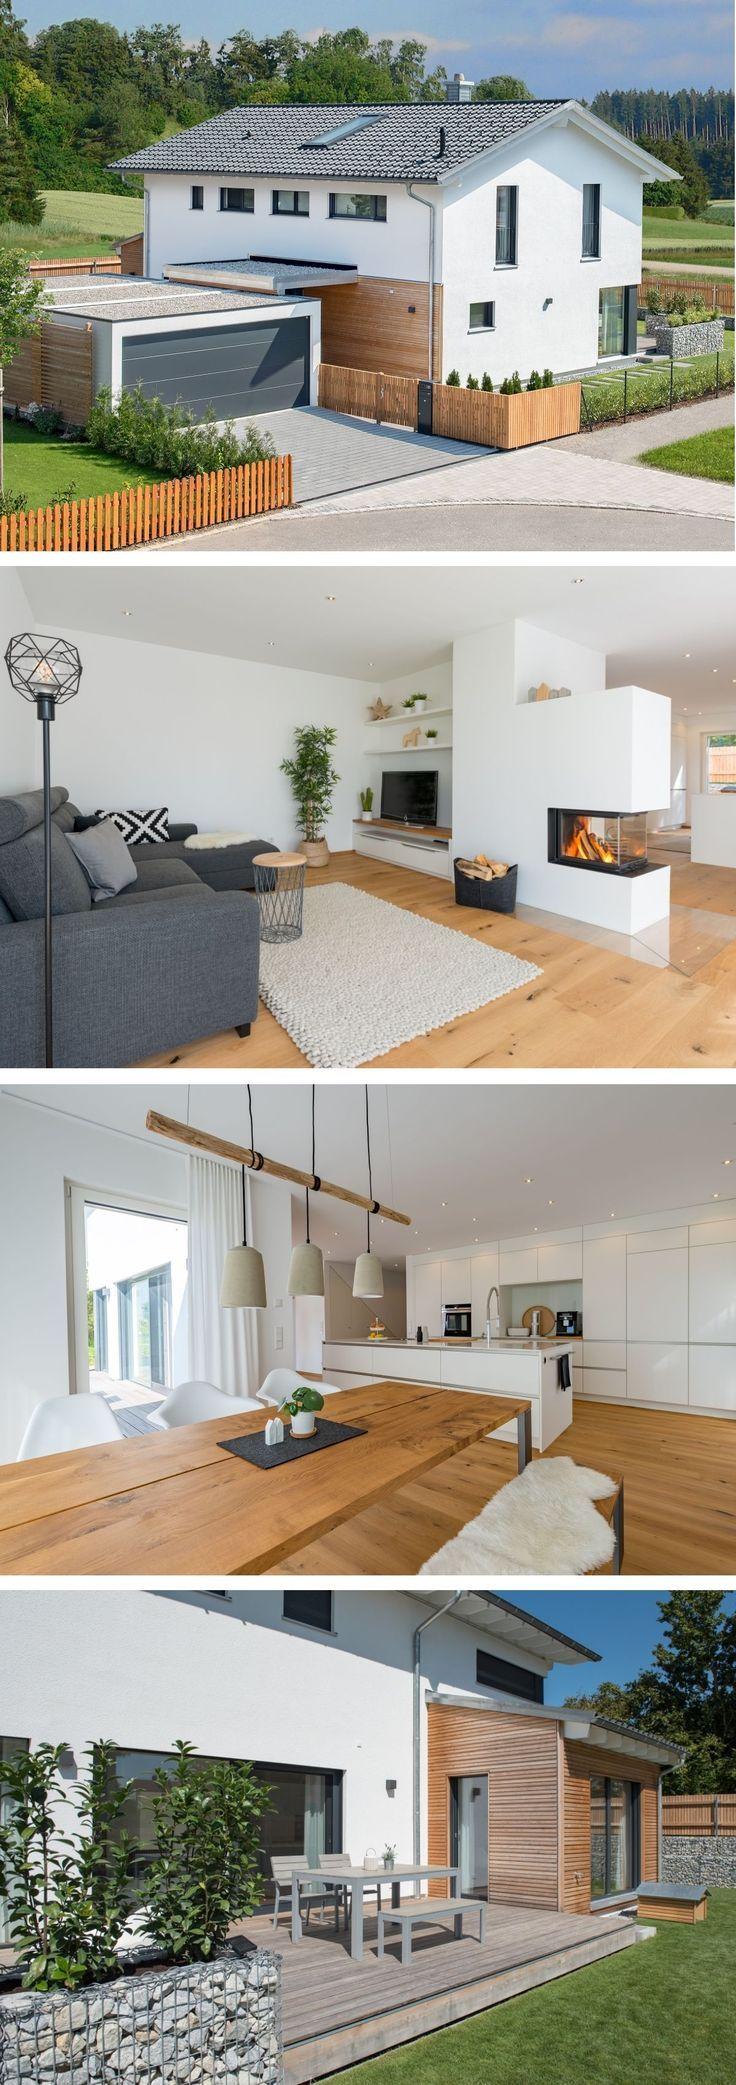 Einfamilienhaus Architektur im Landhausstil modern mit Garage, Holz Fassade, Sat…